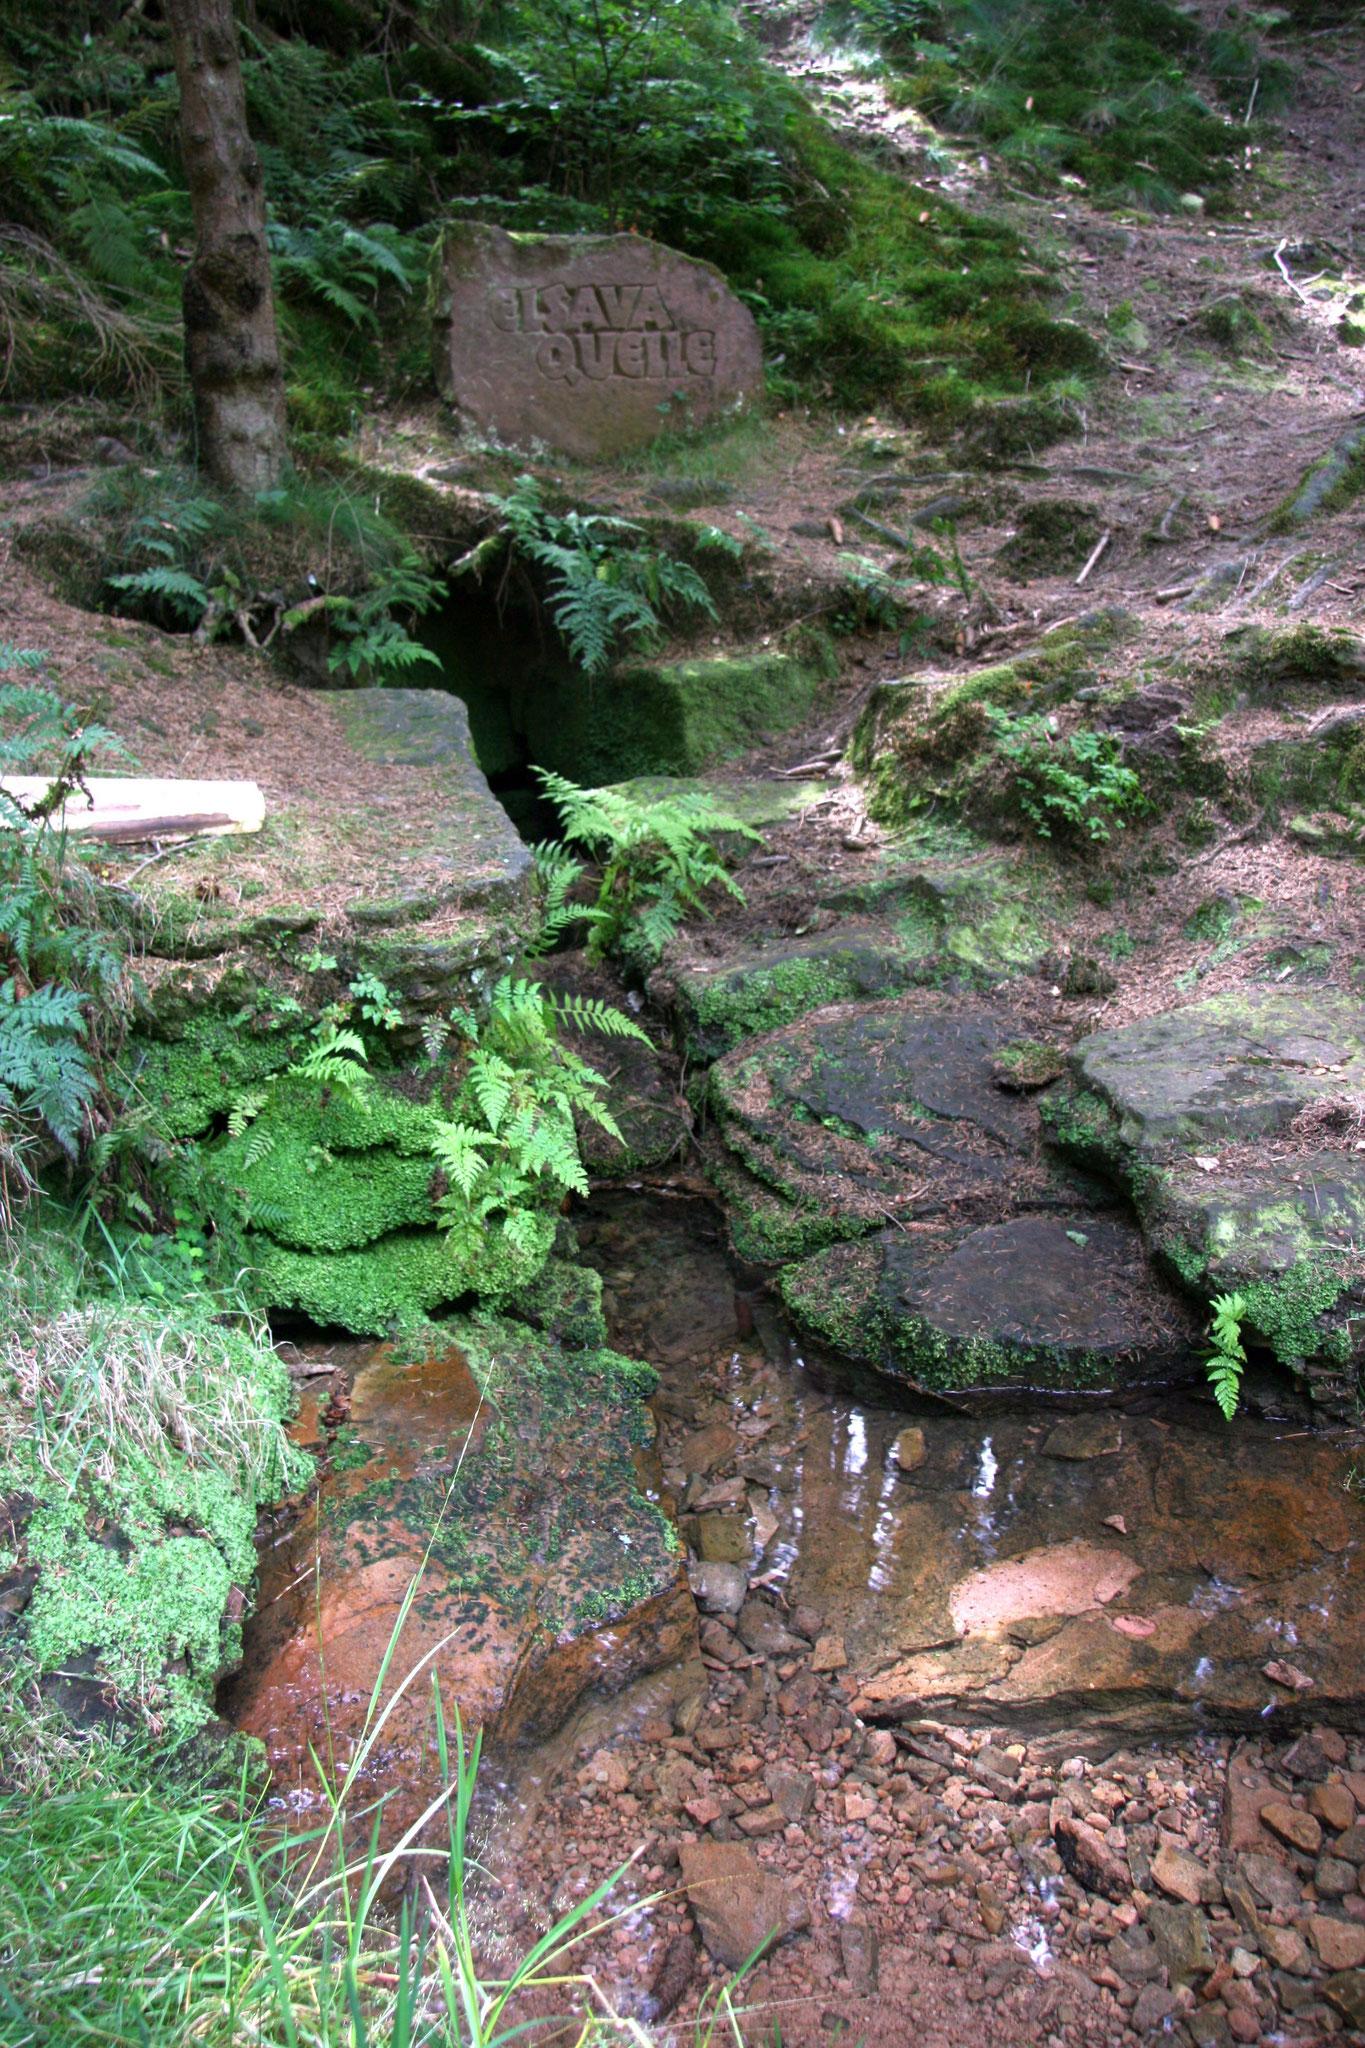 Die Elsava-Quelle bei Mespelbrunn